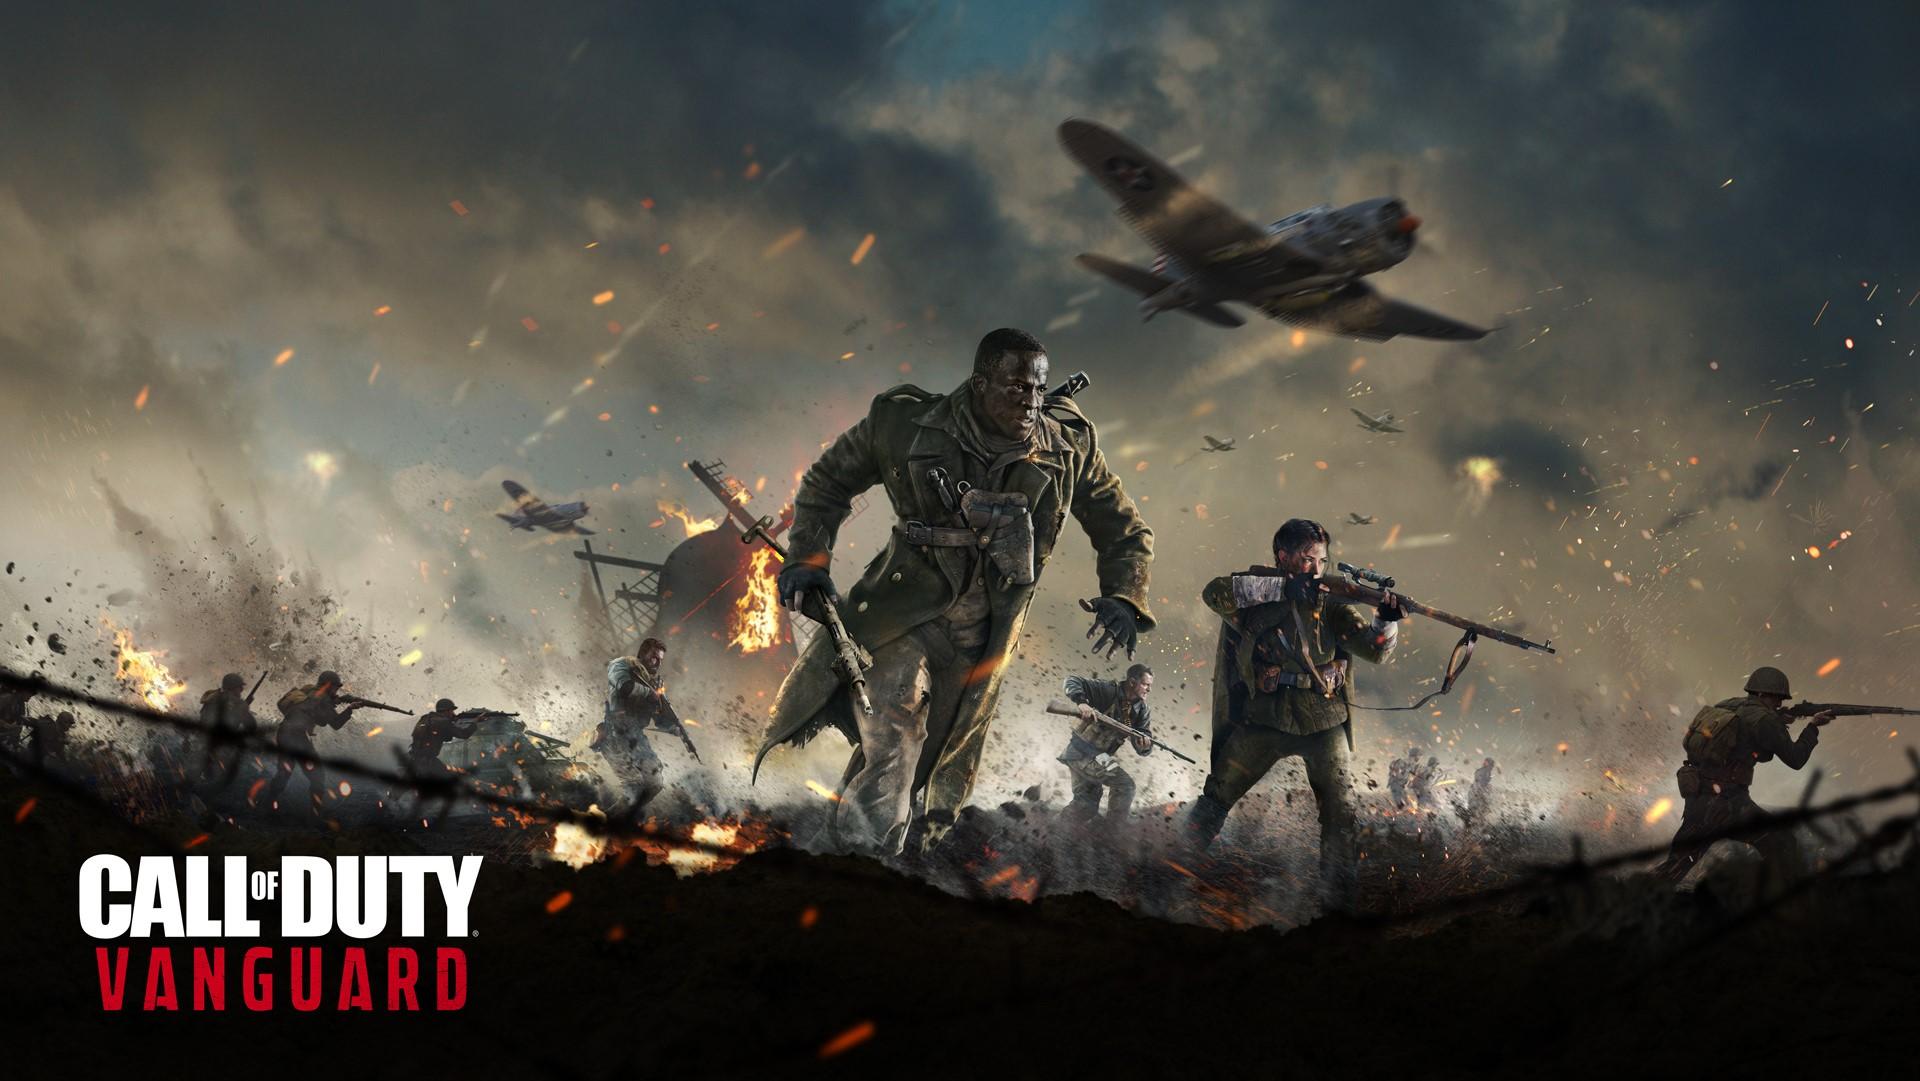 تریلر معرفی بازی Call of Duty: Vanguard